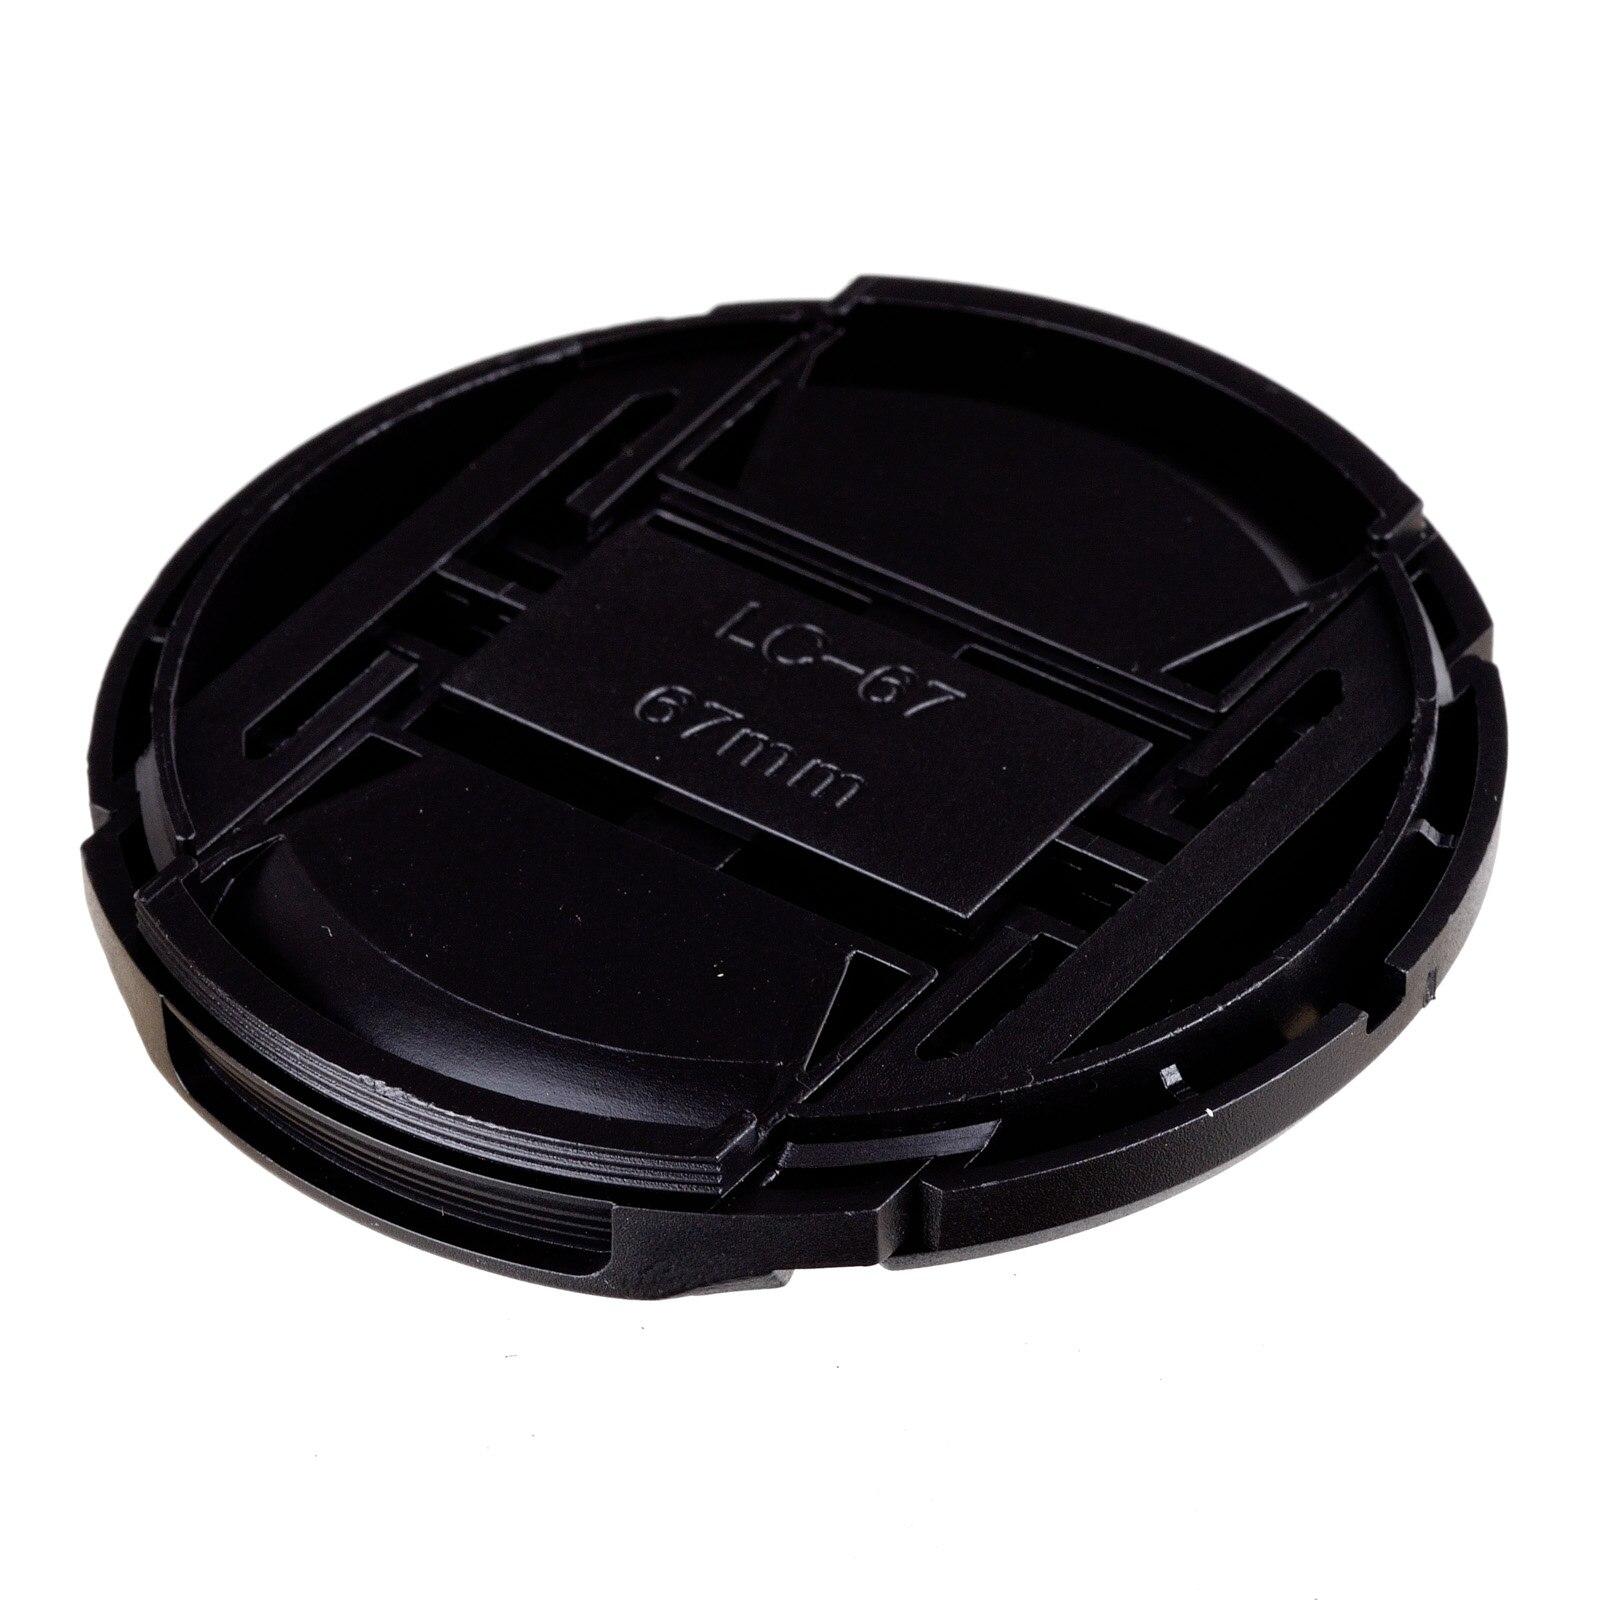 100 шт/партия 67 мм Центральная защелкивающаяся передняя крышка объектива Крышка для объектива камеры + Бесплатный номер отслеживания - 4